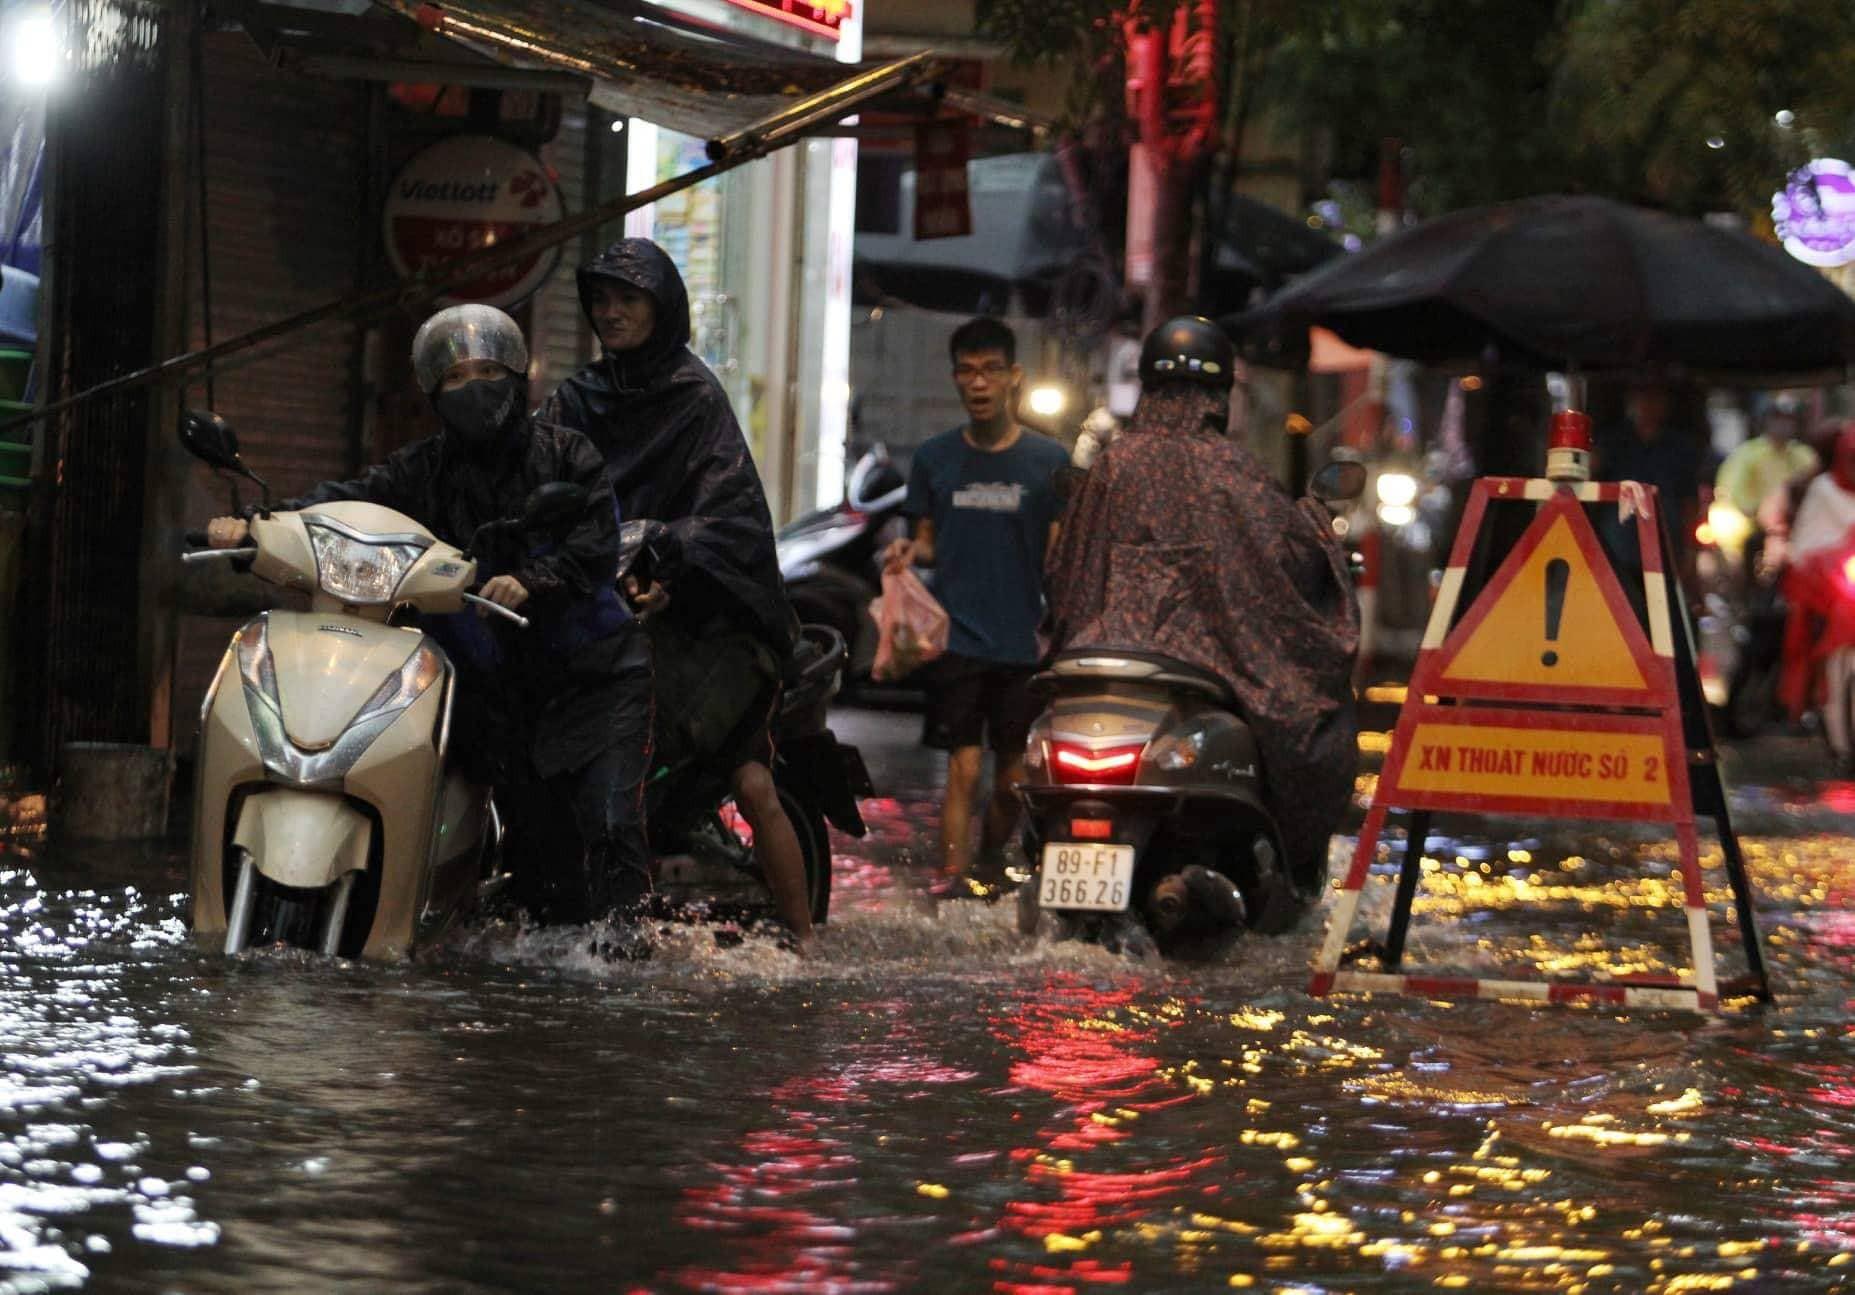 Hà Nội: Mưa lớn bất chật, nhiều tuyến phố ngập sâu trong nước5